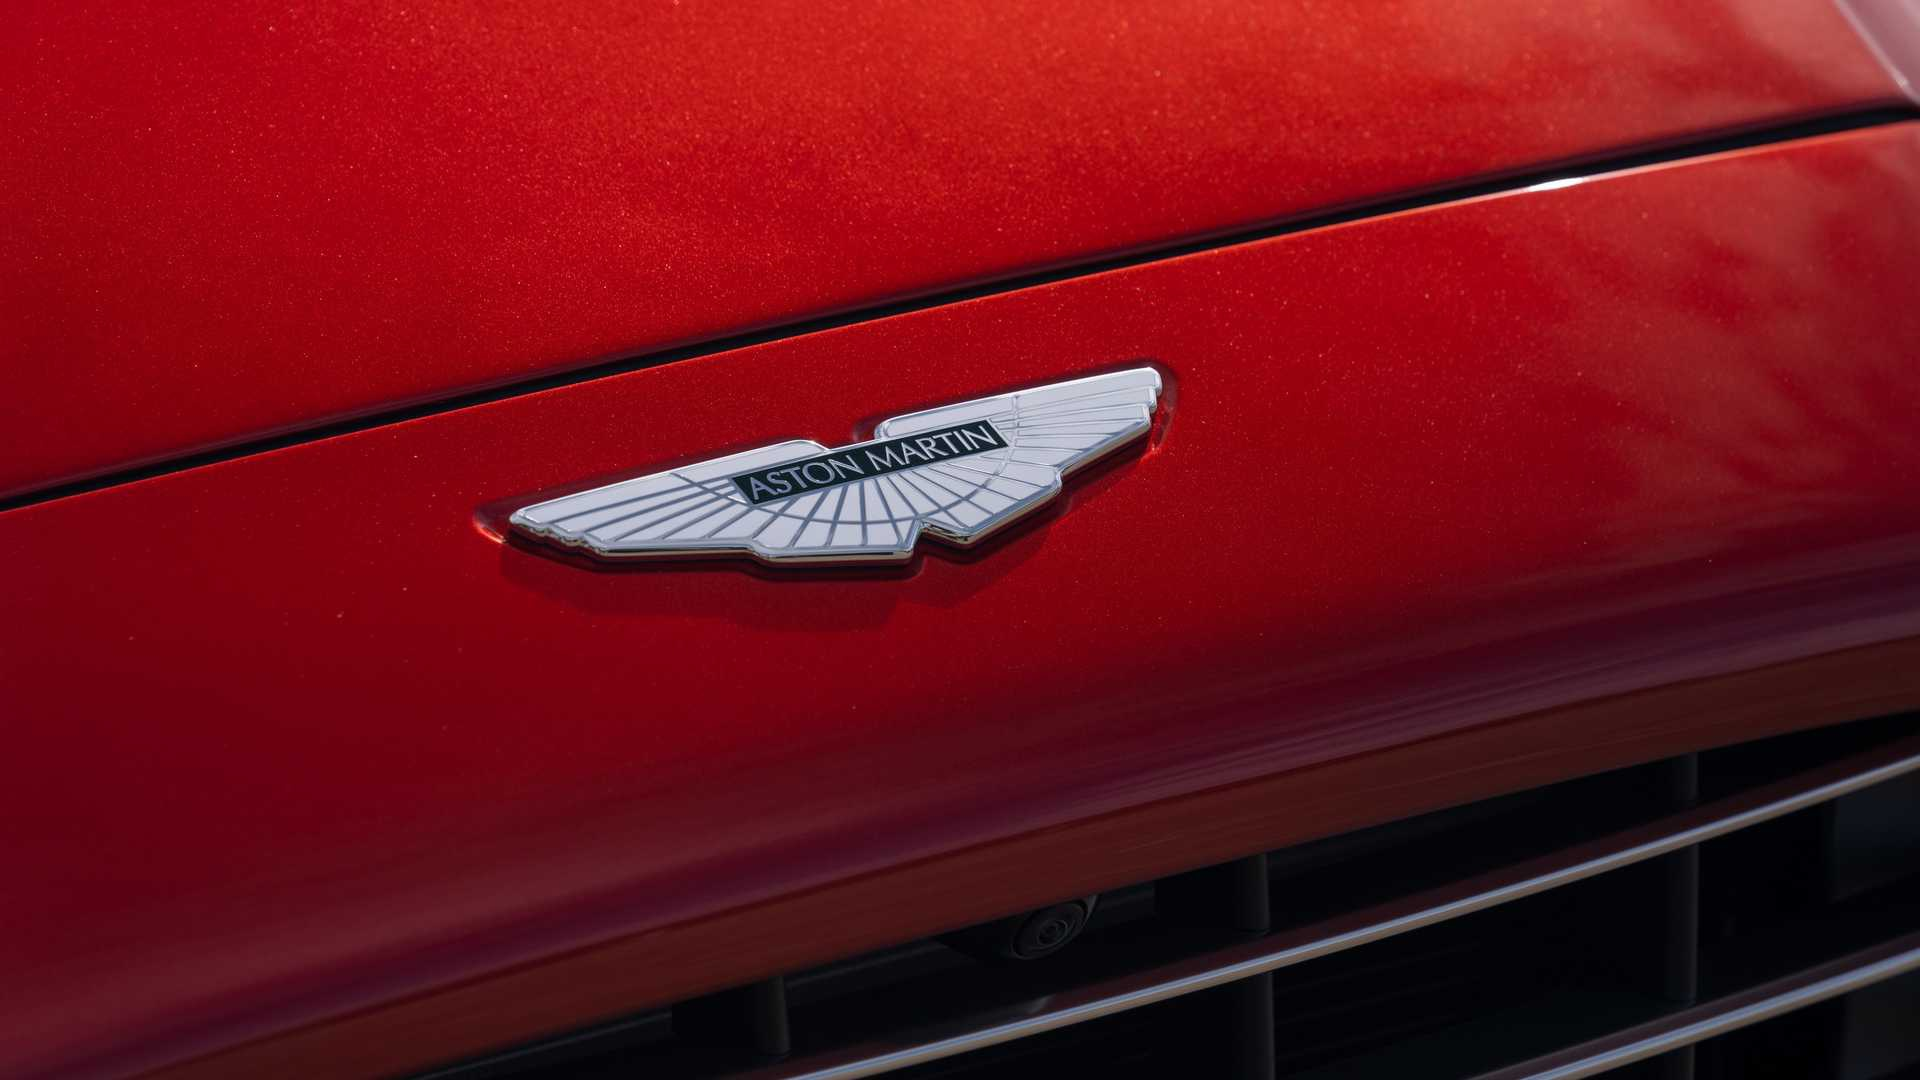 Chi tiet chiec SUV dau tien trong lich su 106 nam cua Aston Martin hinh anh 10